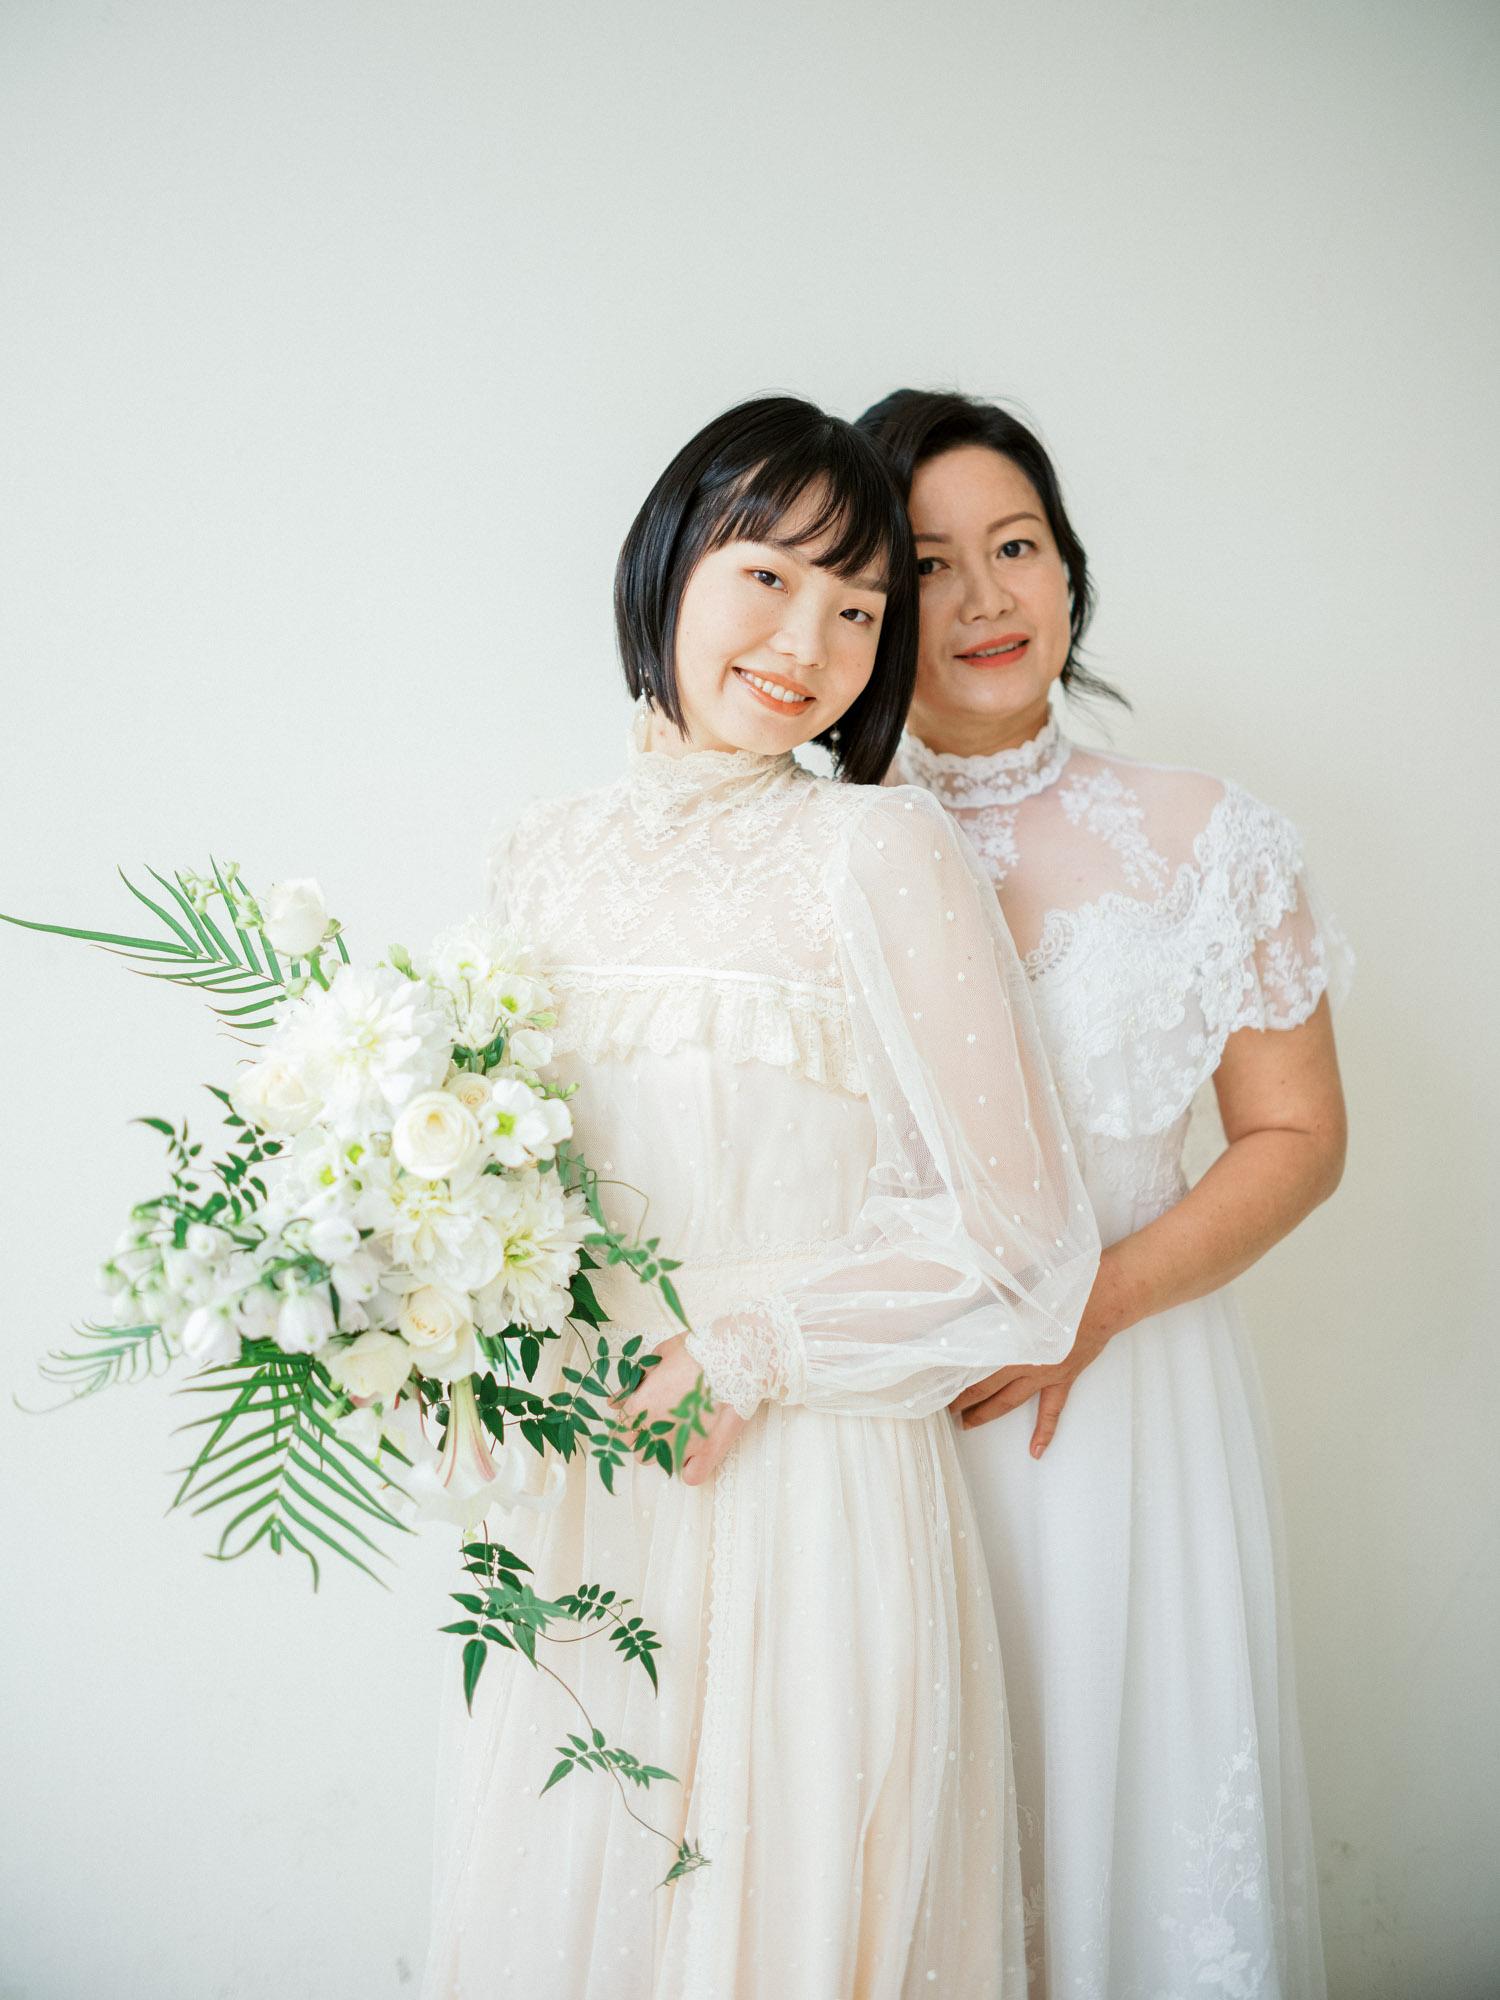 閨蜜寫真-母親節寫真-STAGE-mark-古董禮服